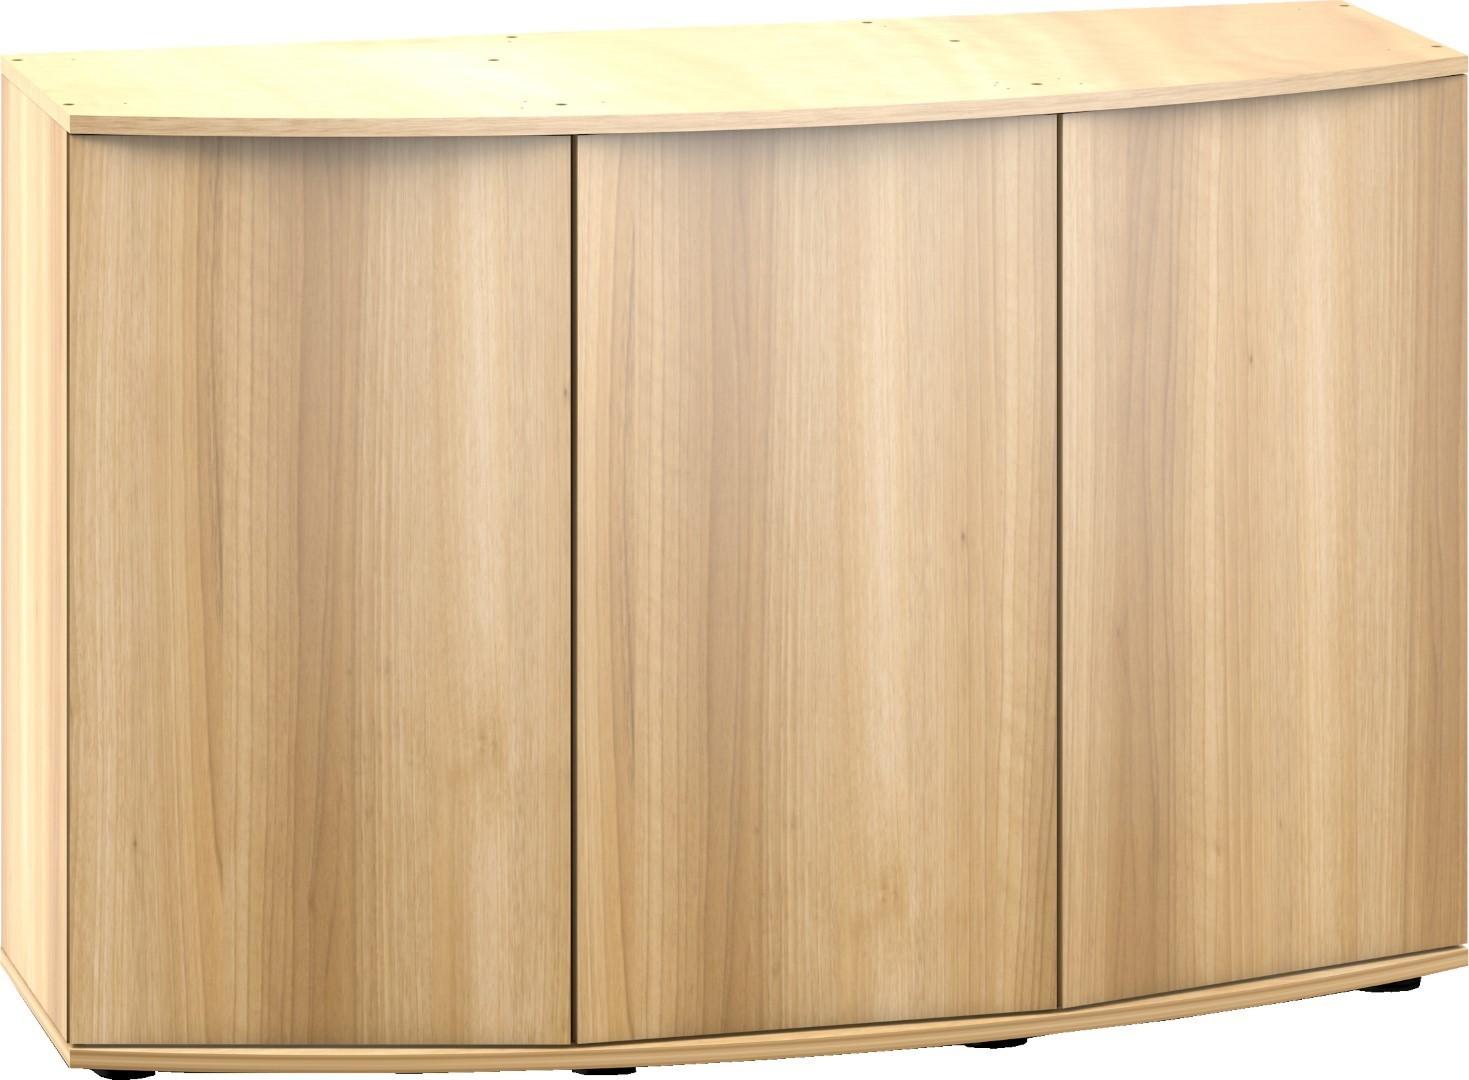 Juwel meubel bouwpakket SBX Vision 260 licht eiken